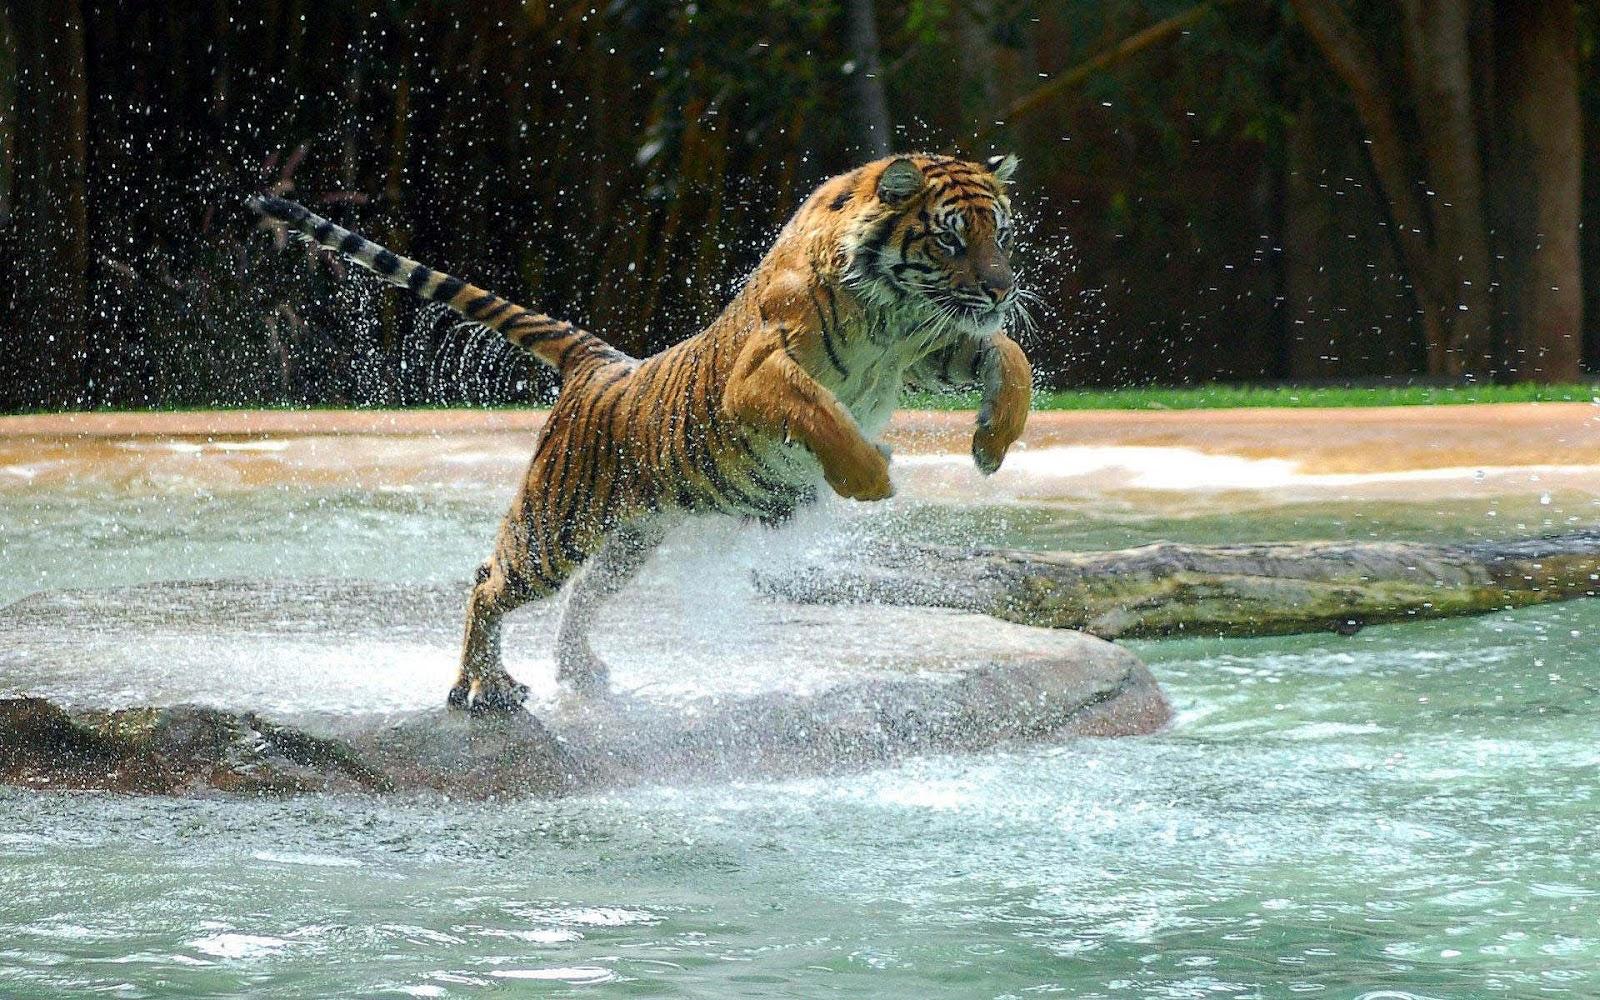 Tijger wallpaper met een aanvallende en springende tijger | HD tijgers